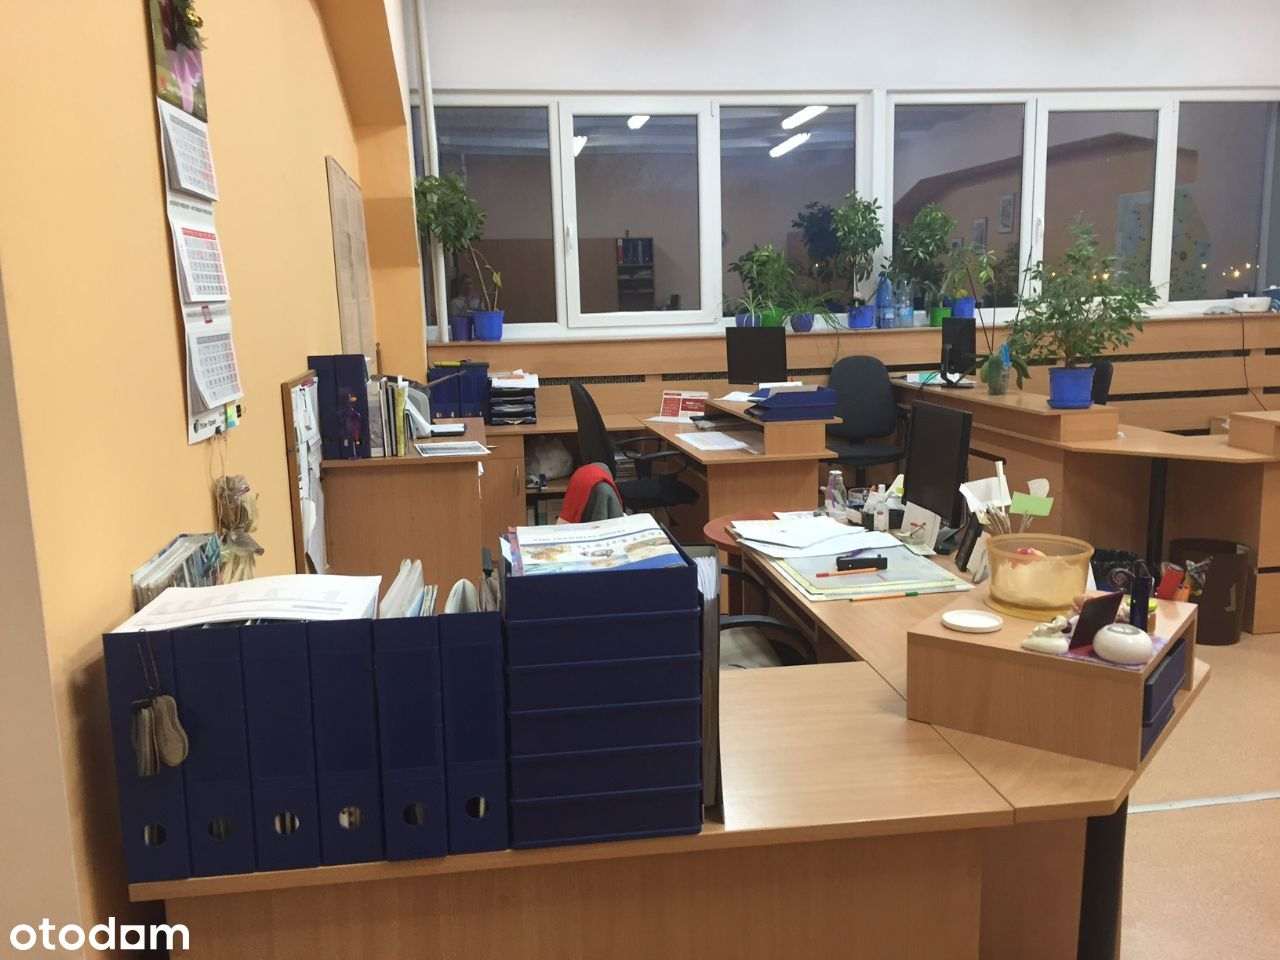 Lokal do wynajęcia biuro usługi gabinet Ogrody 49m